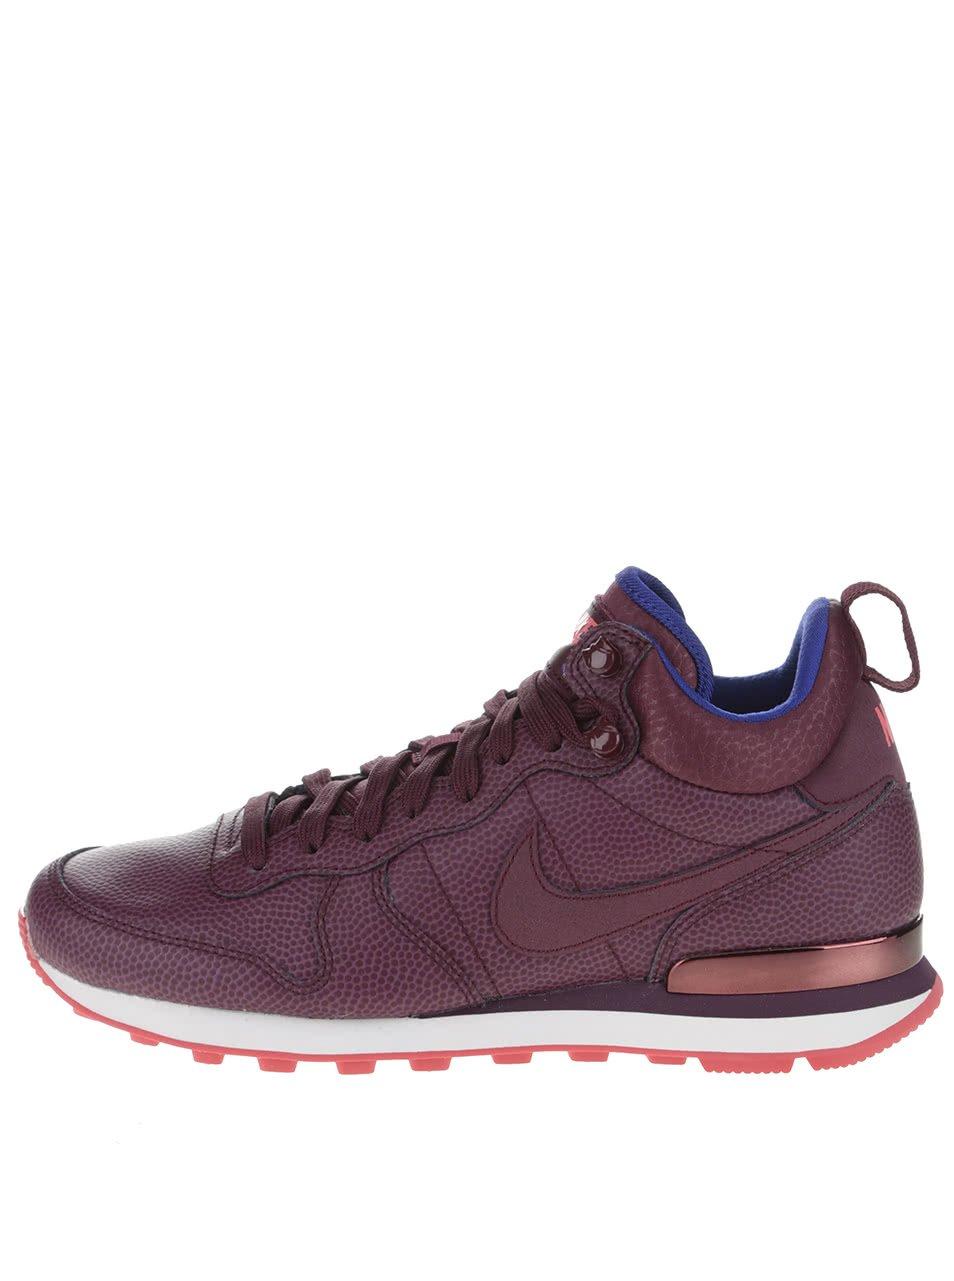 Vínové kožené dámské kotníkové tenisky Nike Internationalist Mid Leather